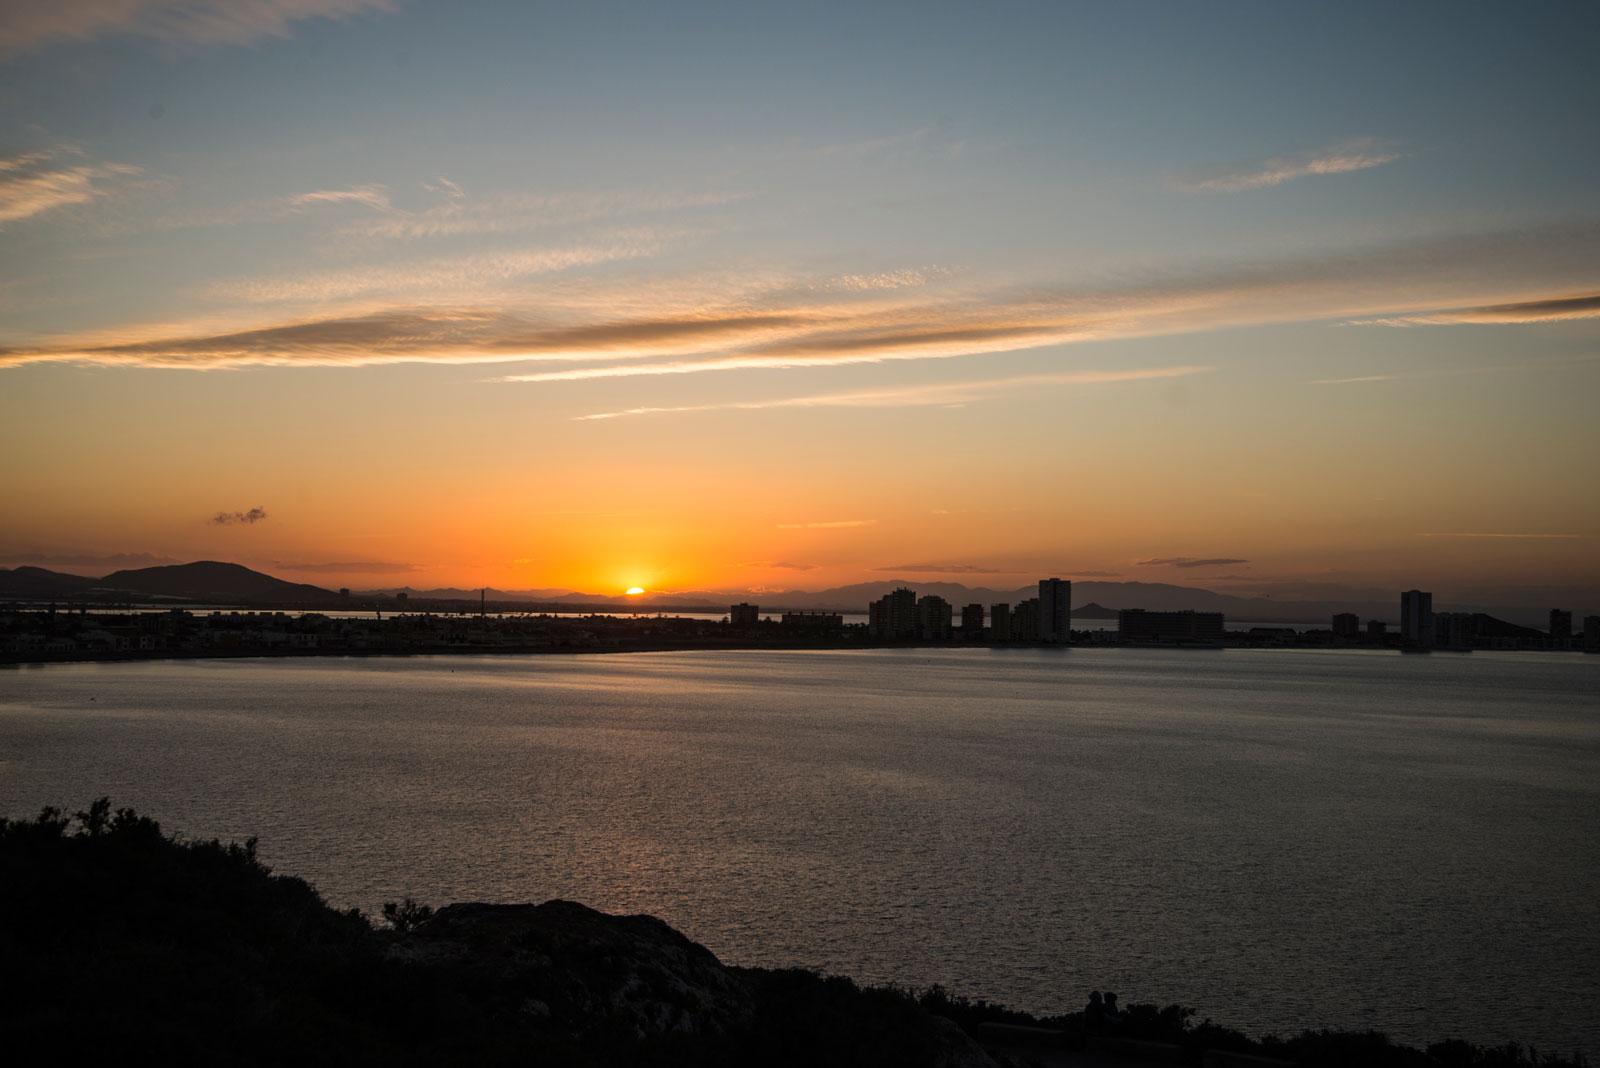 Solnedgang over den smale stripa som utgjør La Manga